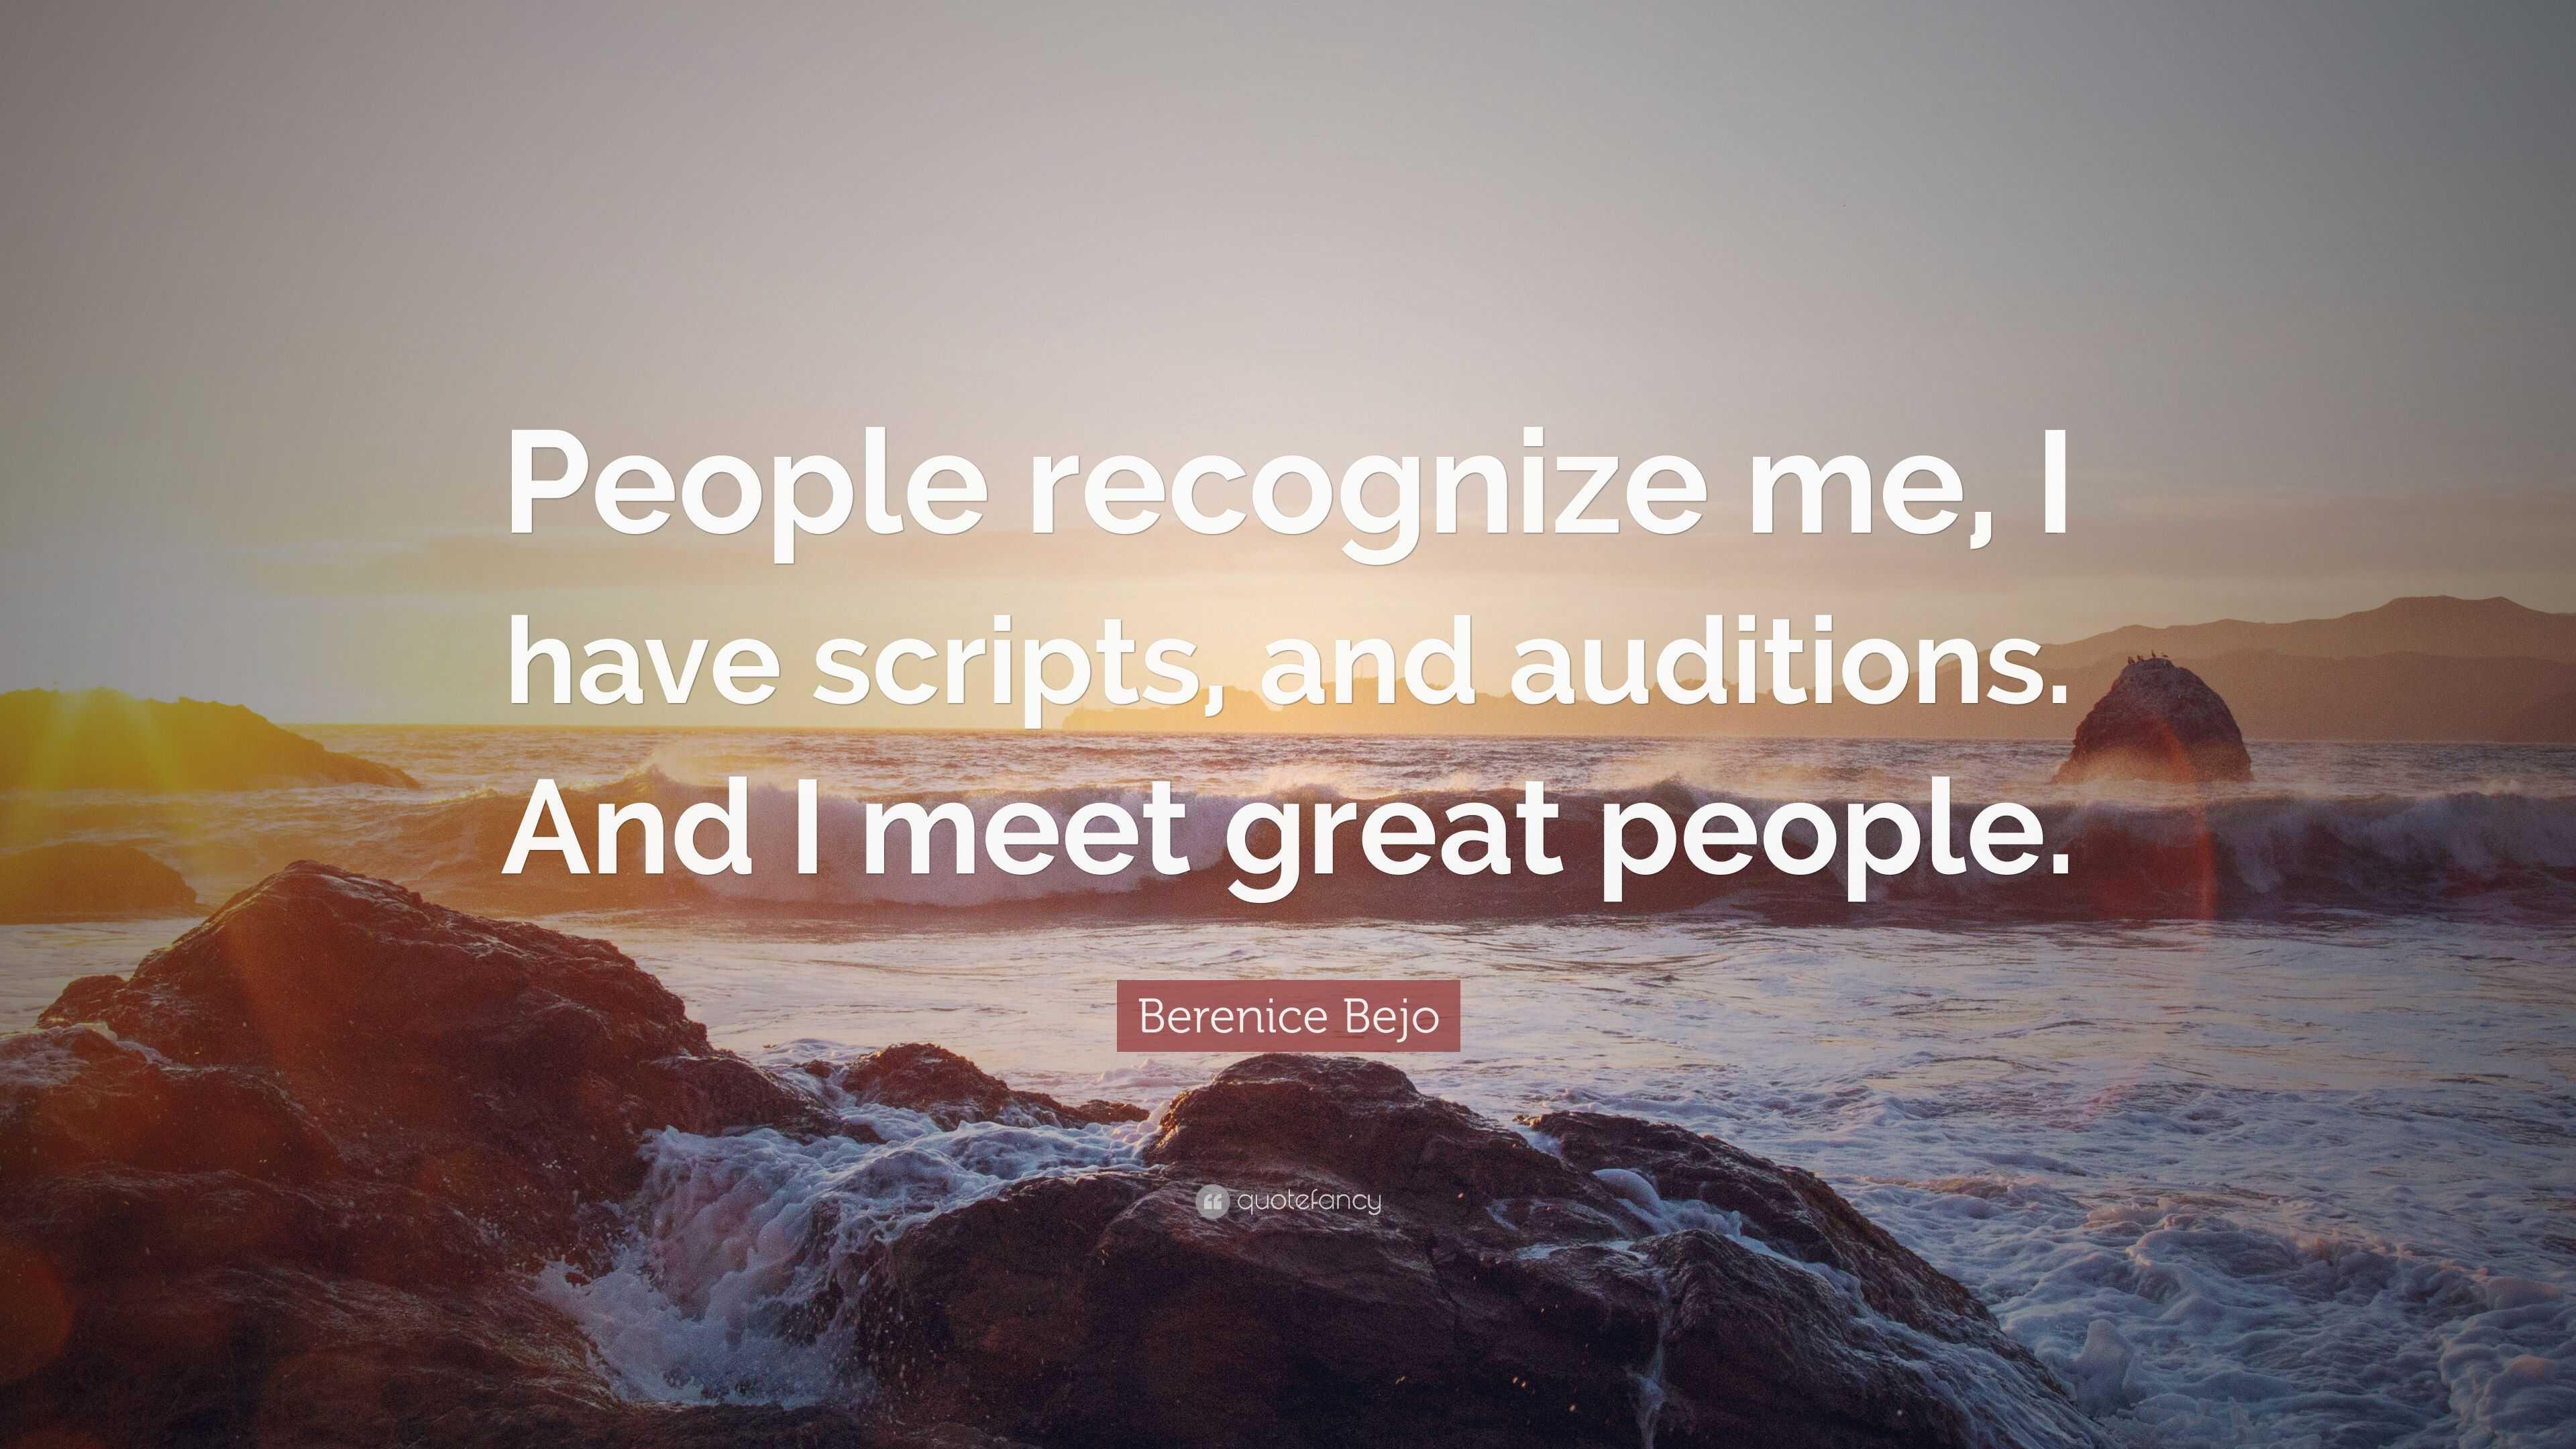 Meet great people me